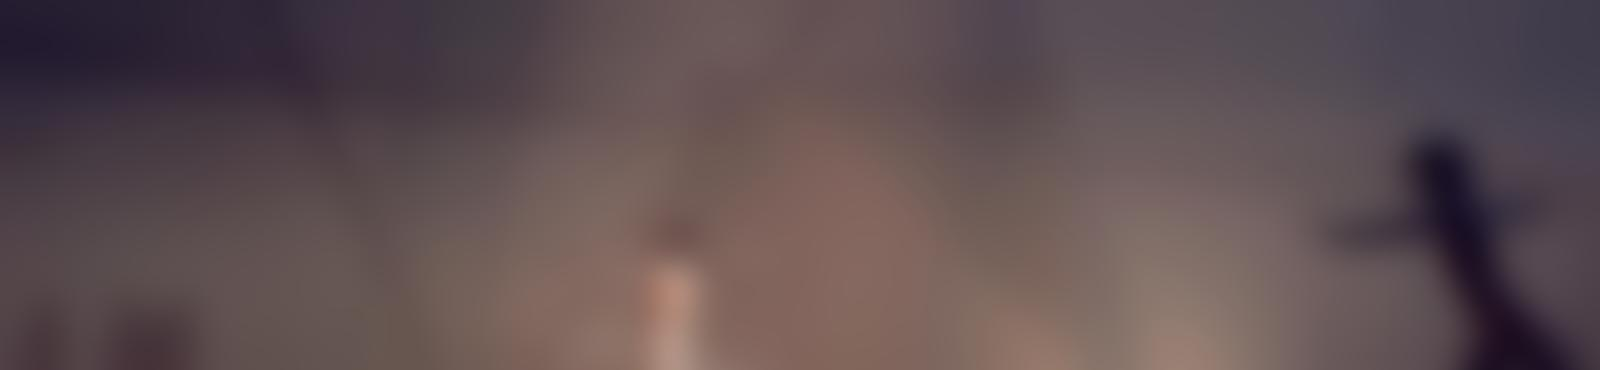 Blurred 5ad823a3 078f 496d bd8a e94e0b32392a